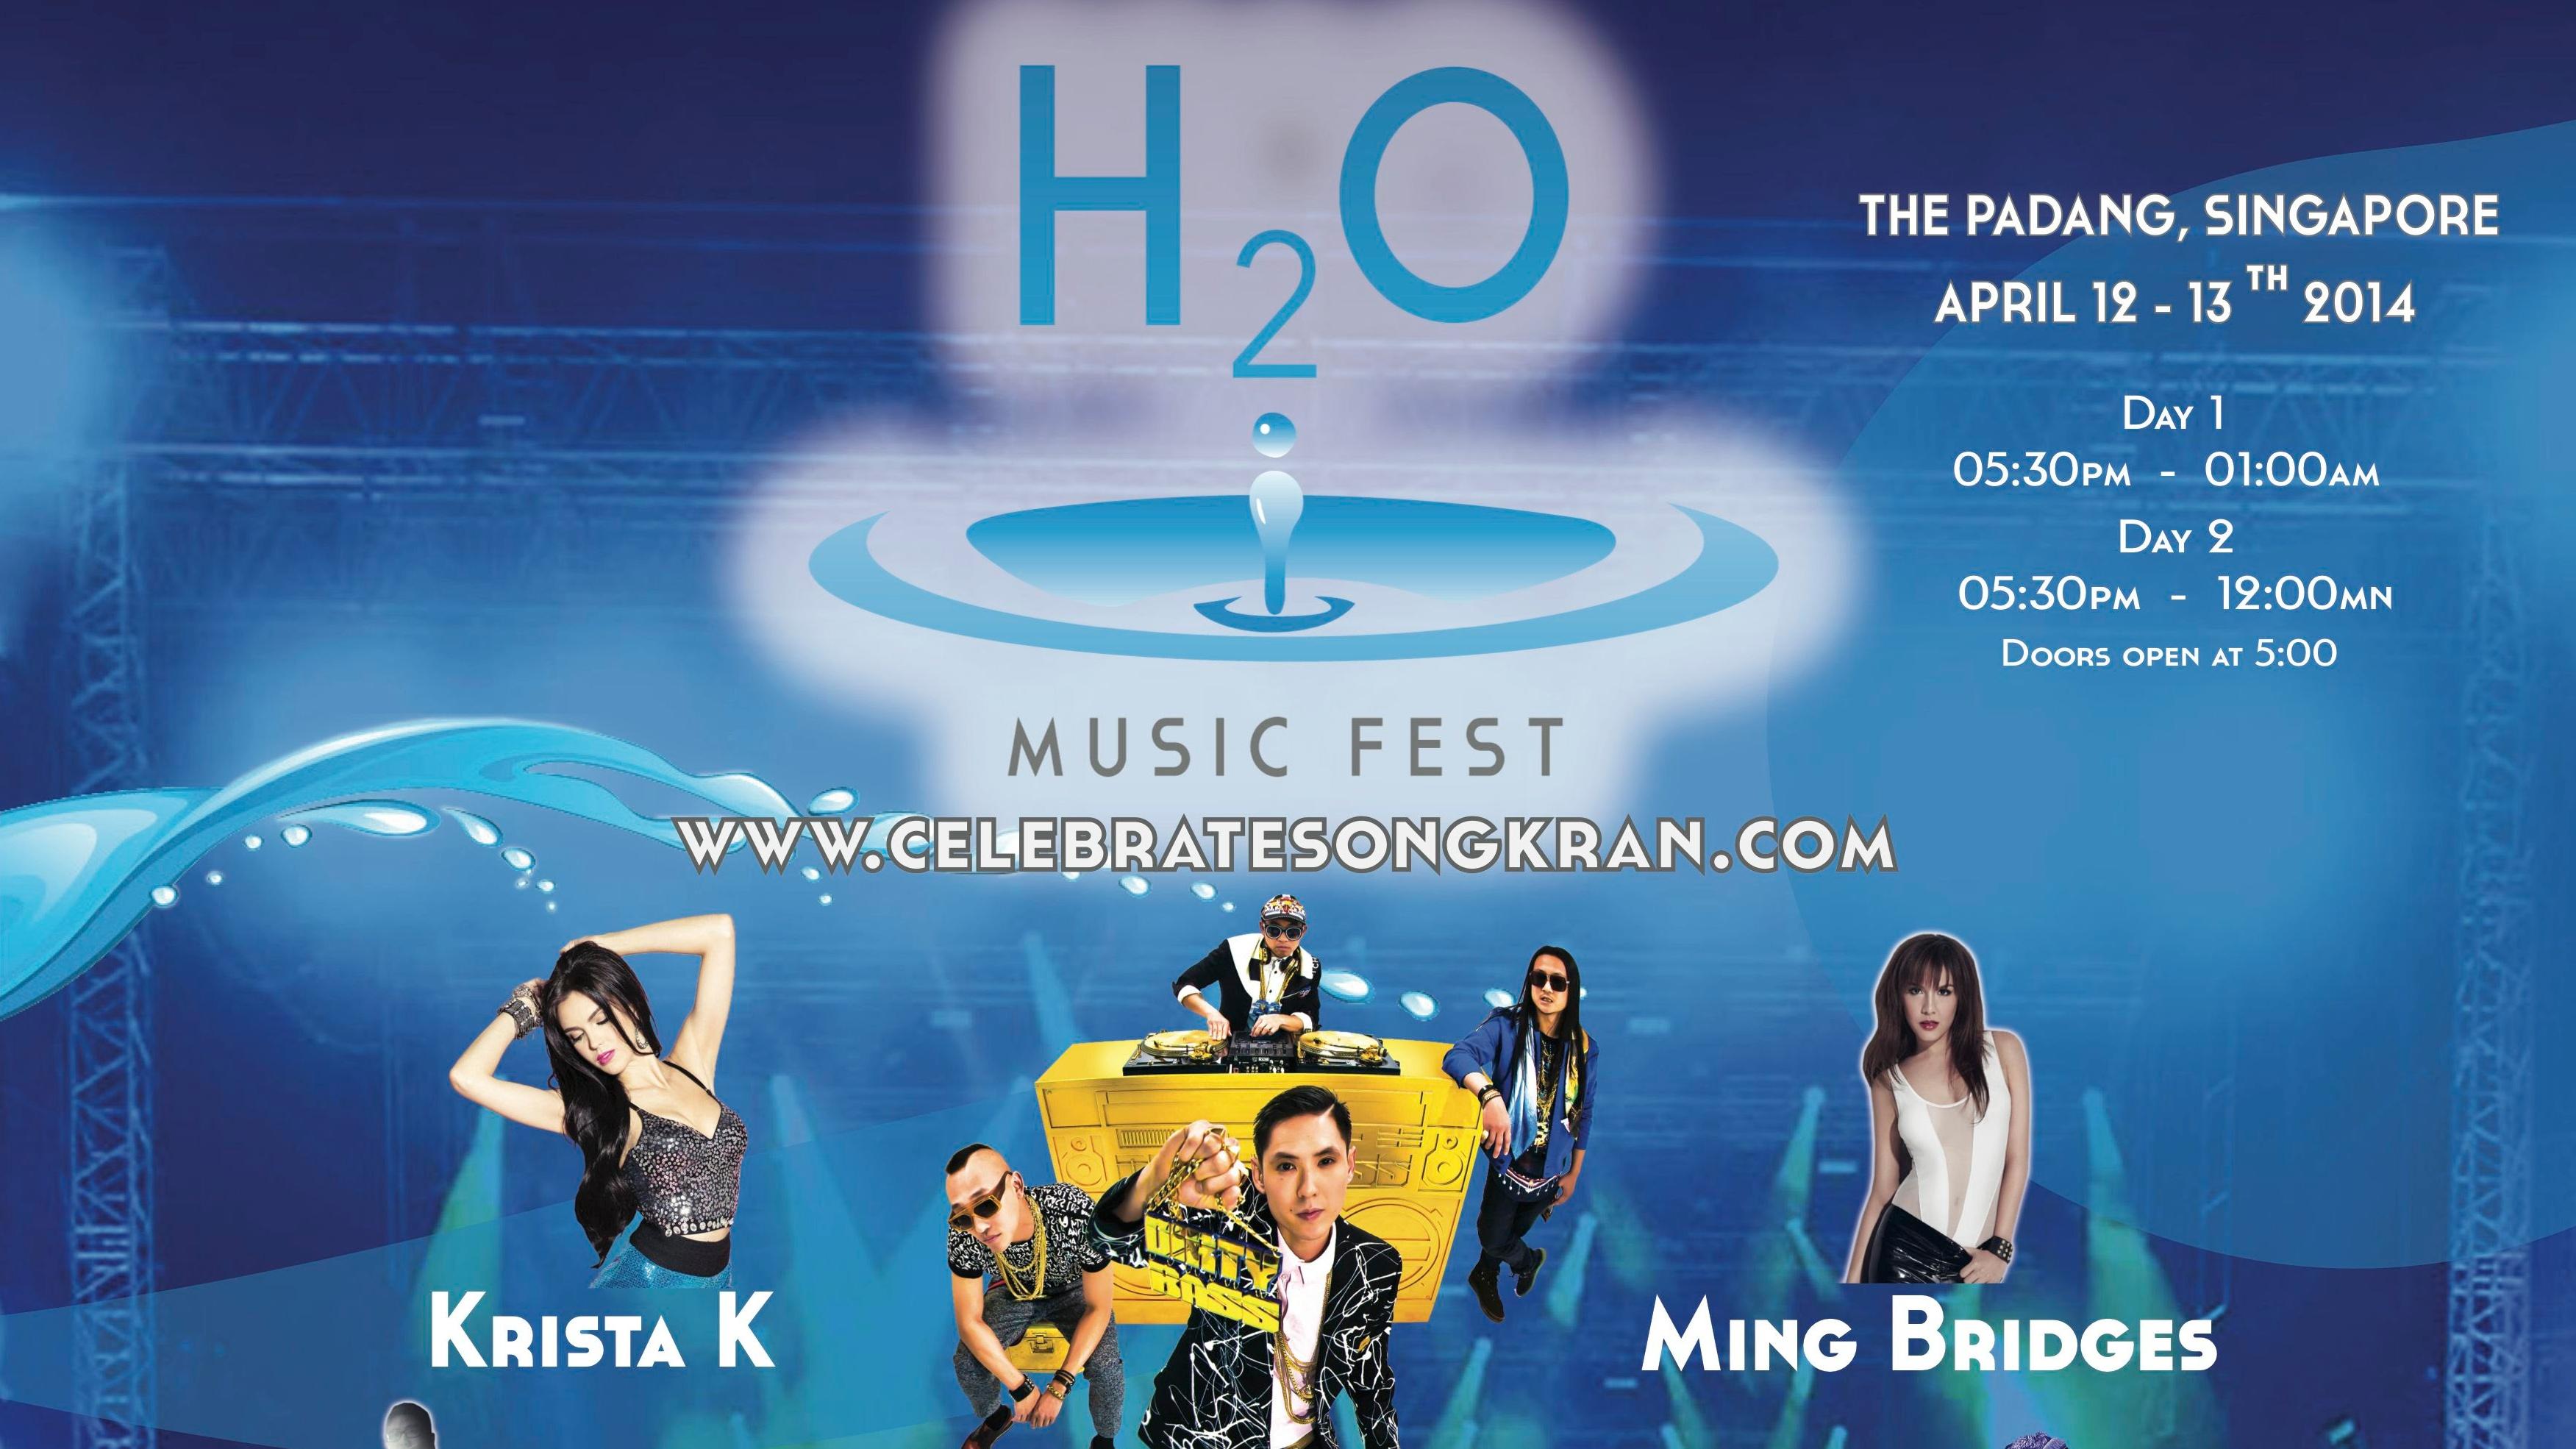 H20 Music Festival